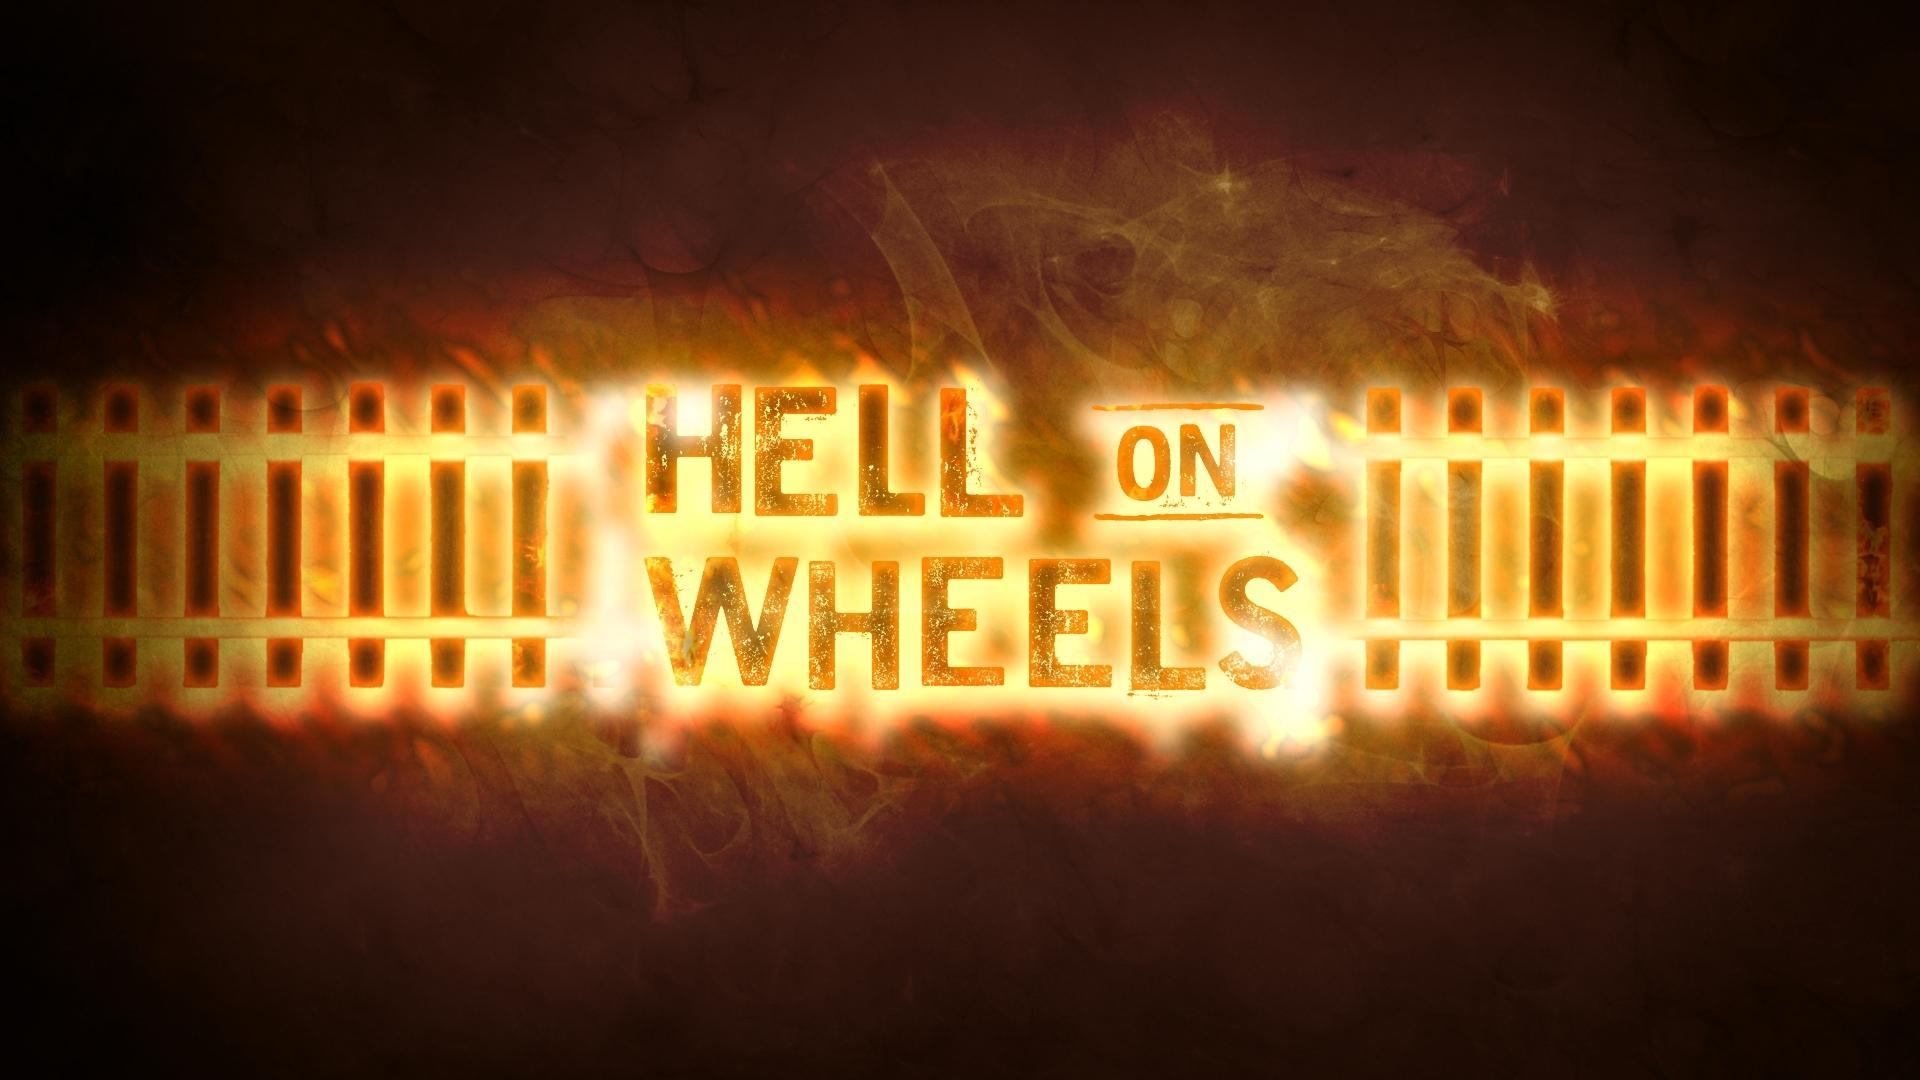 3d Moving Wallpaper For Pc Desktop Free Download Fire Logo Of Hell On Wheels Hd Desktop Wallpaper